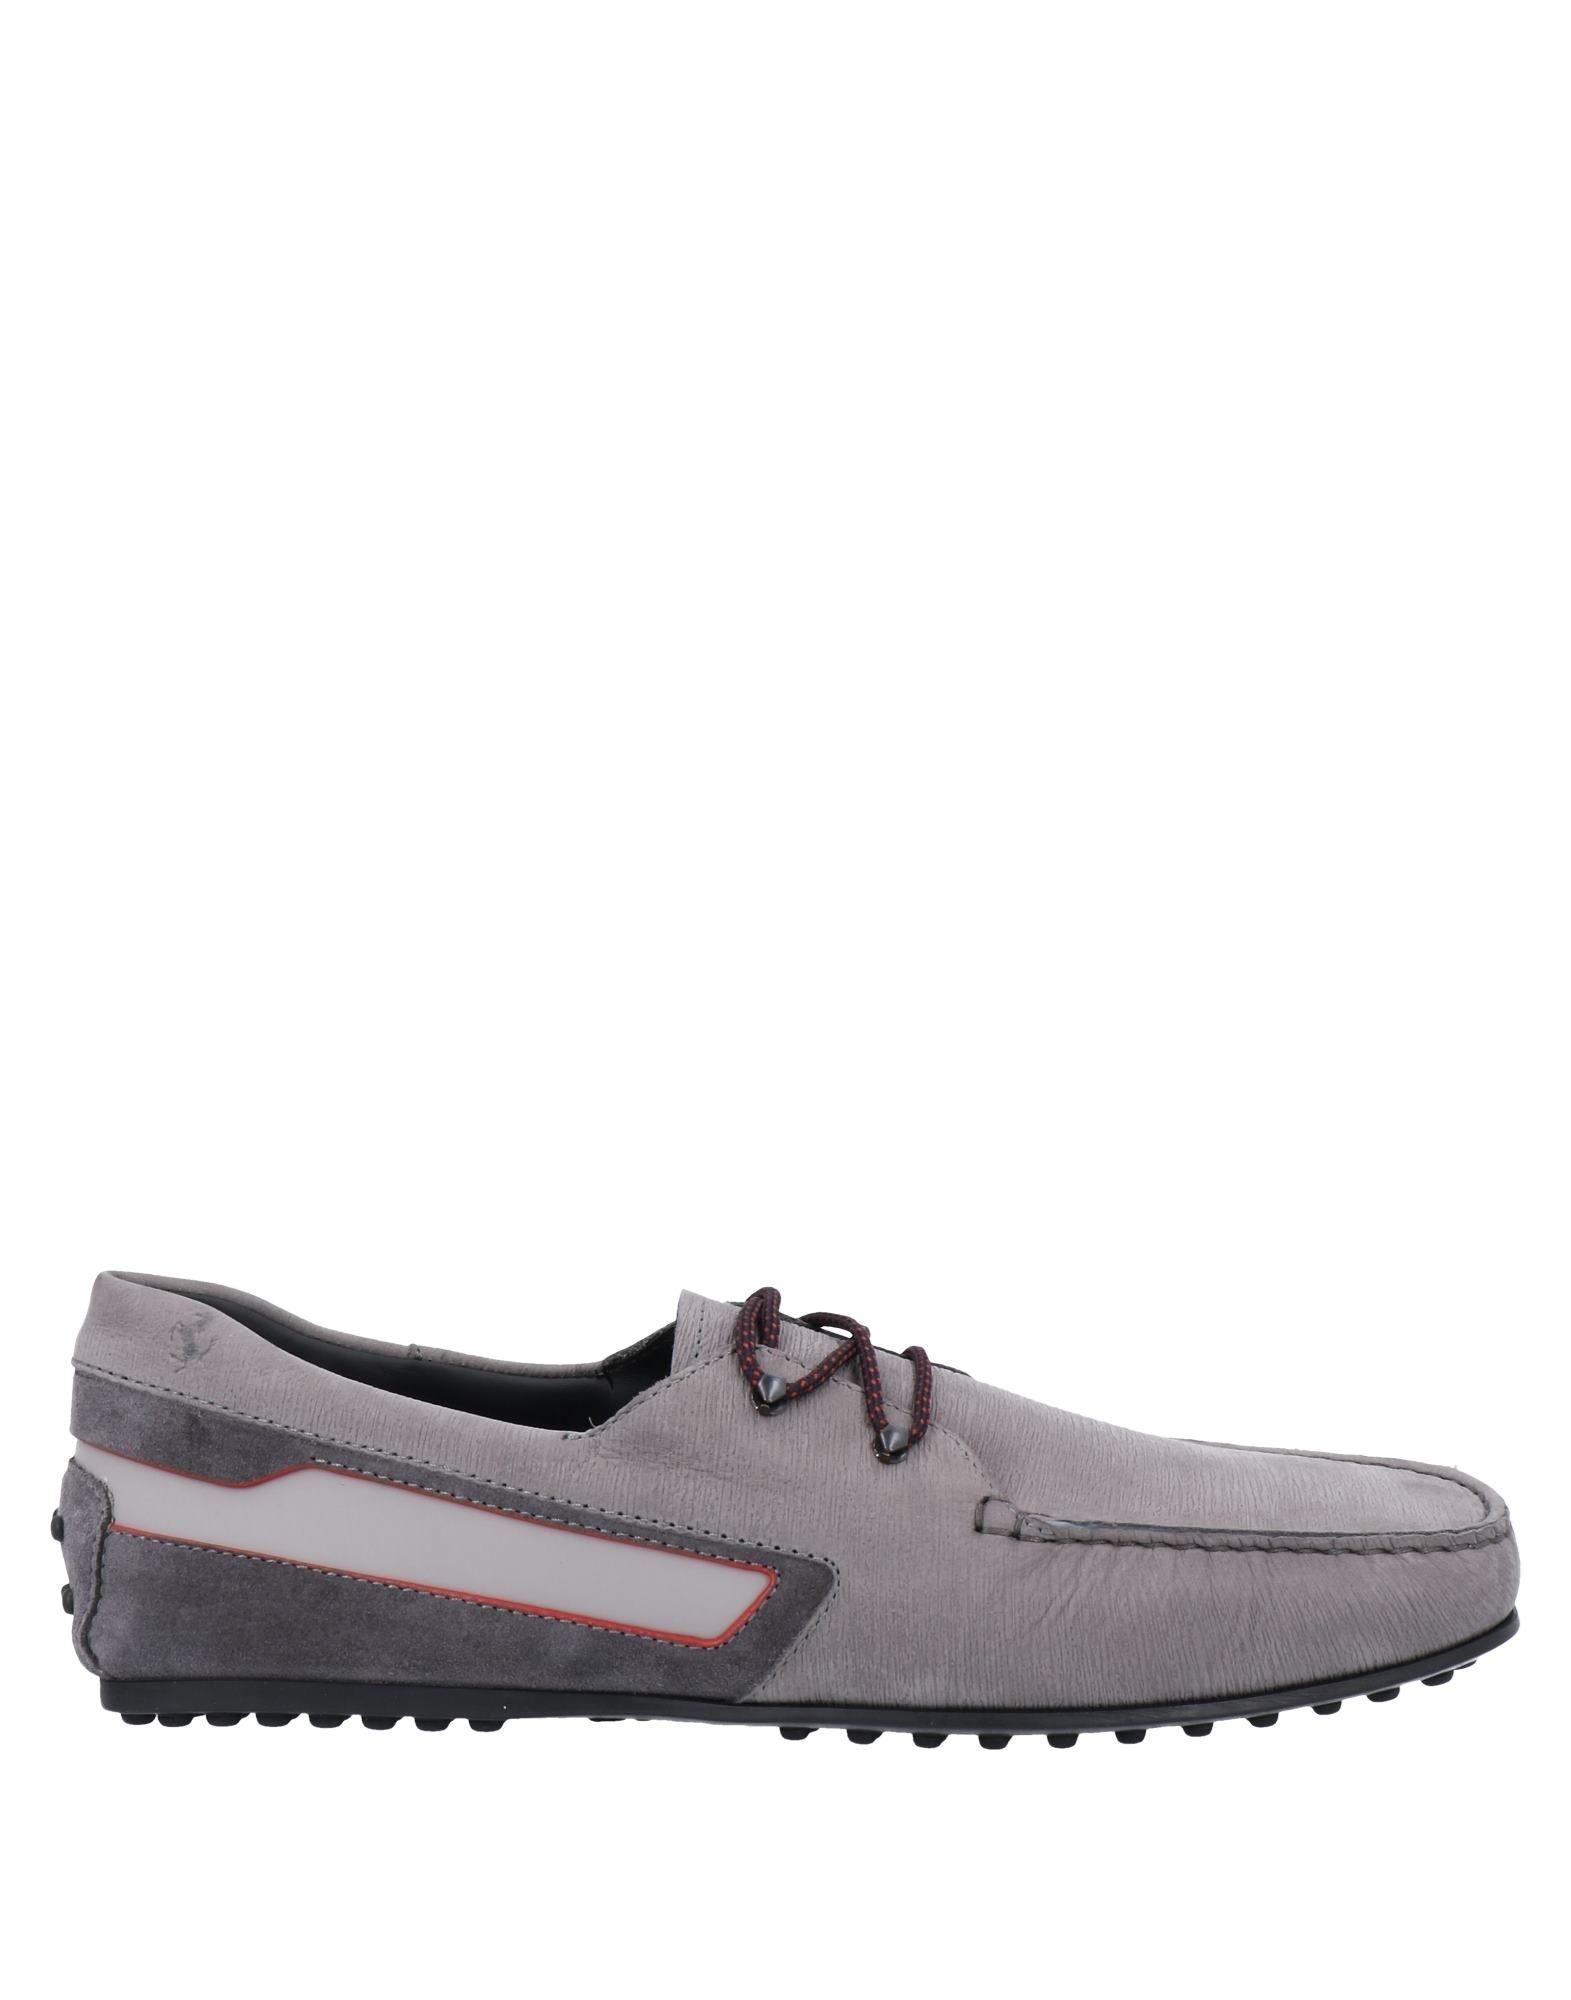 TOD'S for FERRARI Обувь на шнурках f lli ferrari обувь на шнурках